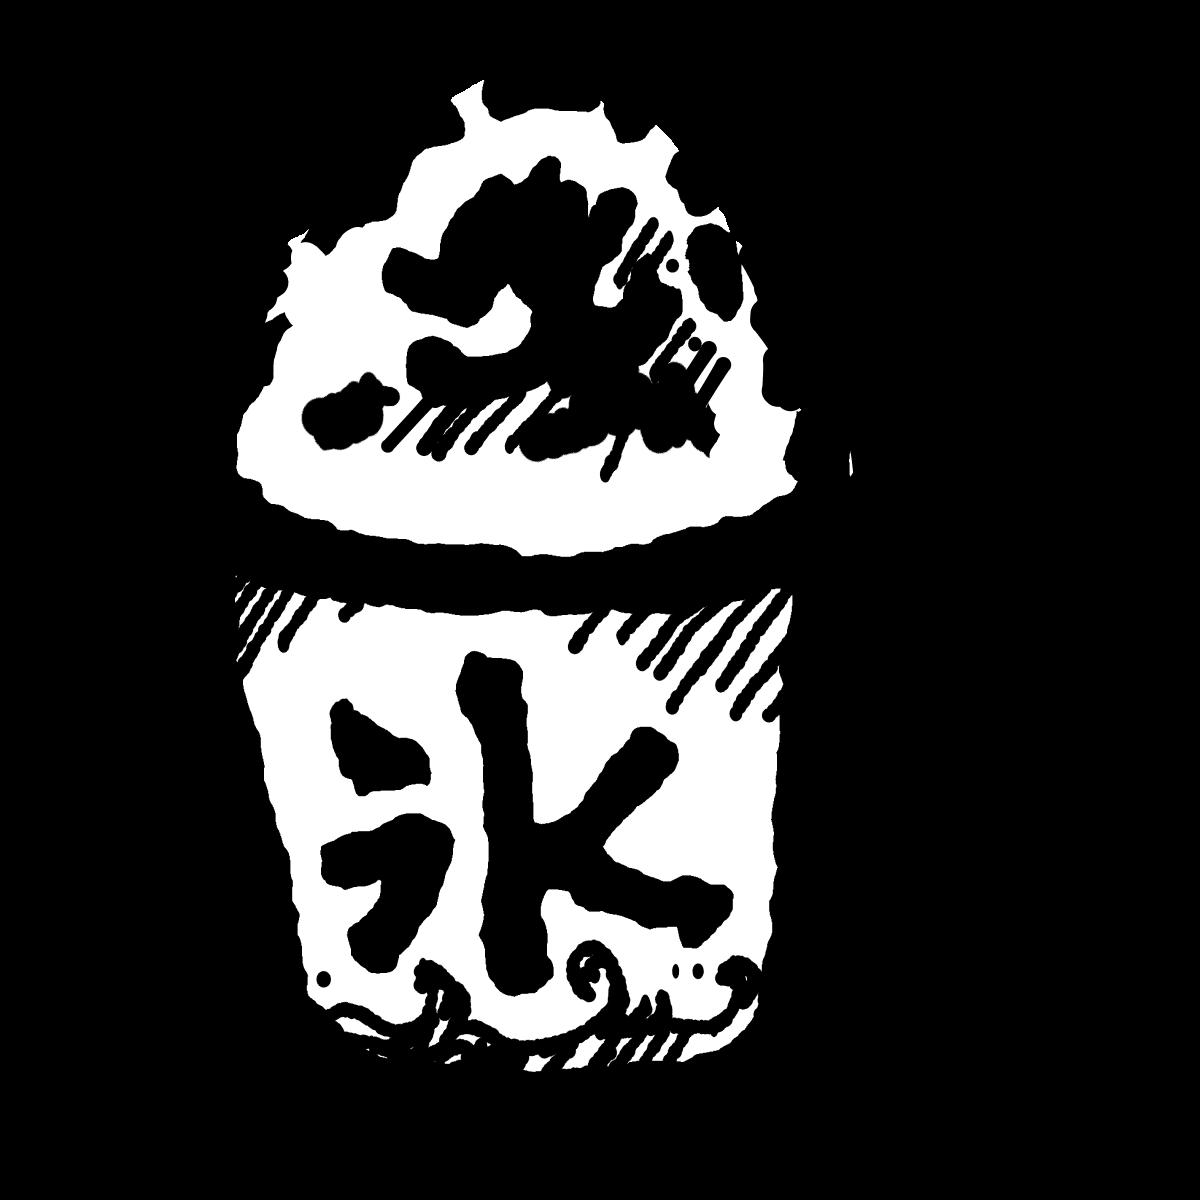 かき氷のイラスト / Shaved ice Illustration